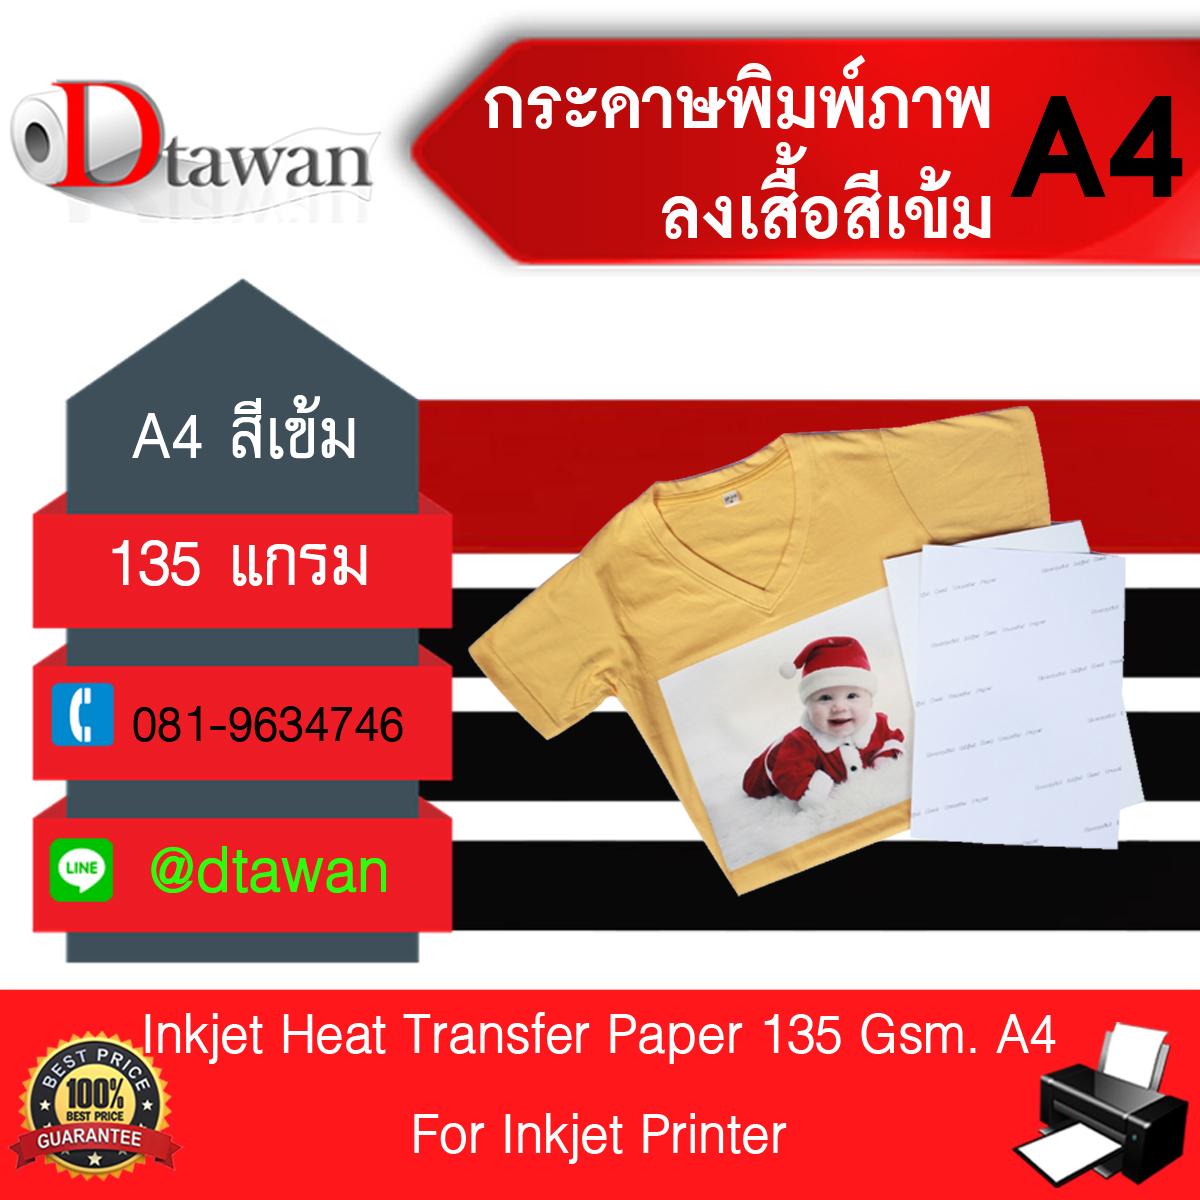 กระดาษพิมพ์ภาพลงเสื้อ ลอกลายลงเสื้อ สำหรับผ้าสี ขนาด A4